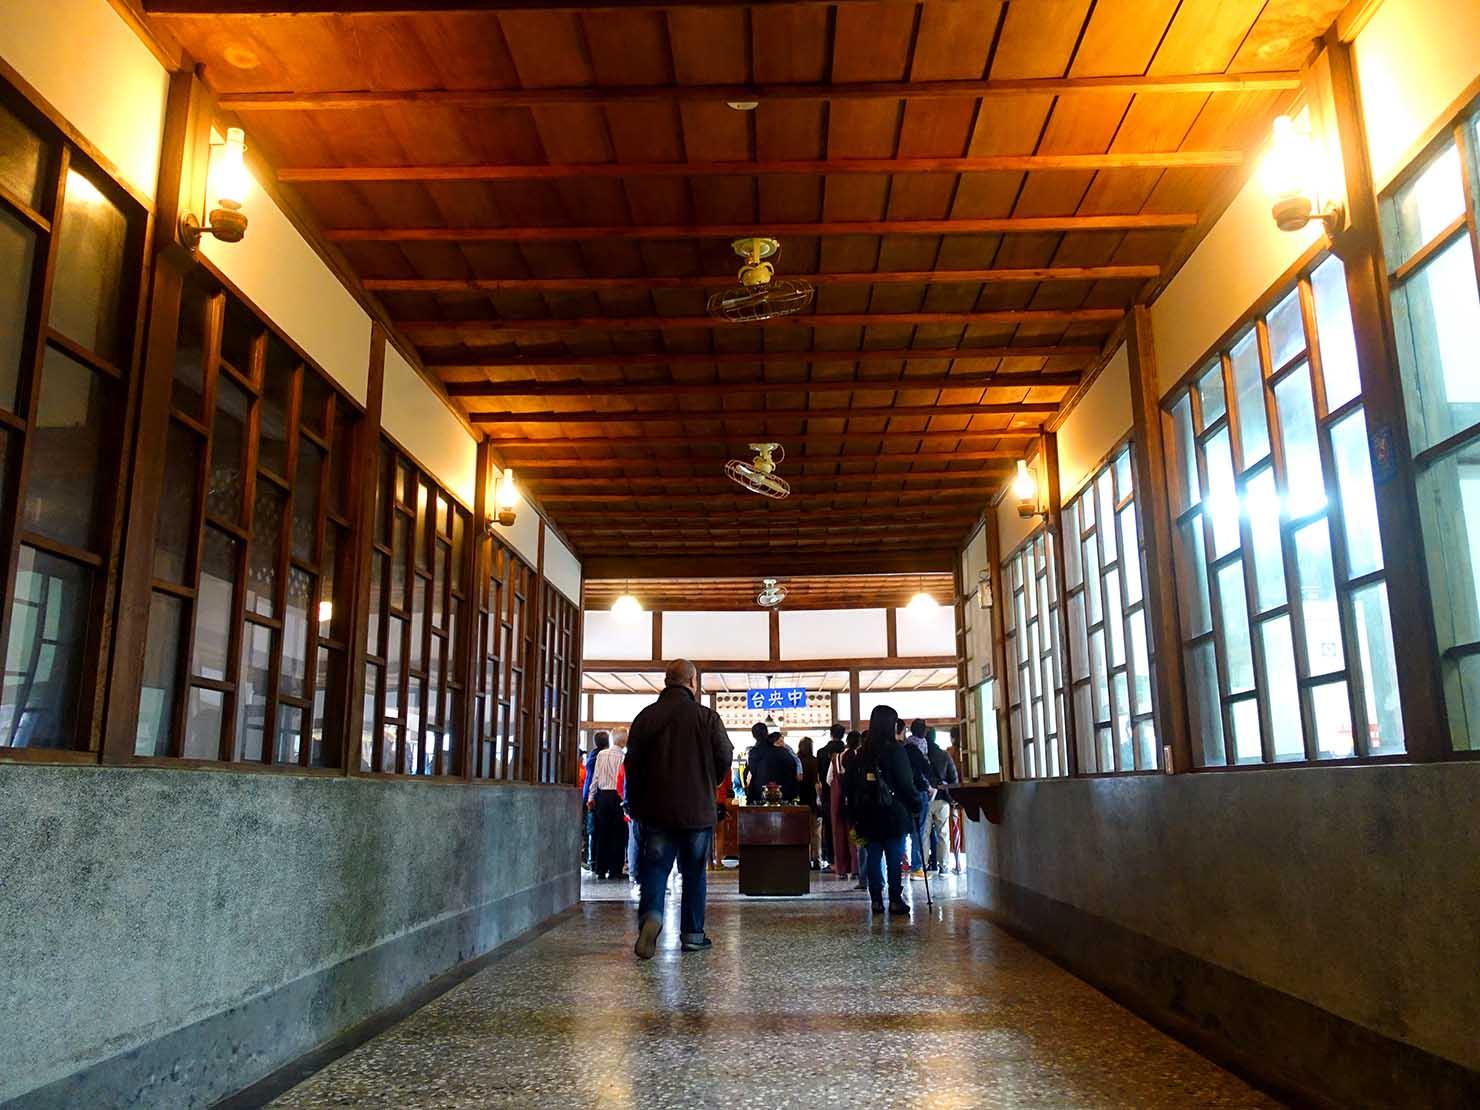 嘉義のおすすめ観光スポット「嘉義舊監獄」中央台へと続く廊下